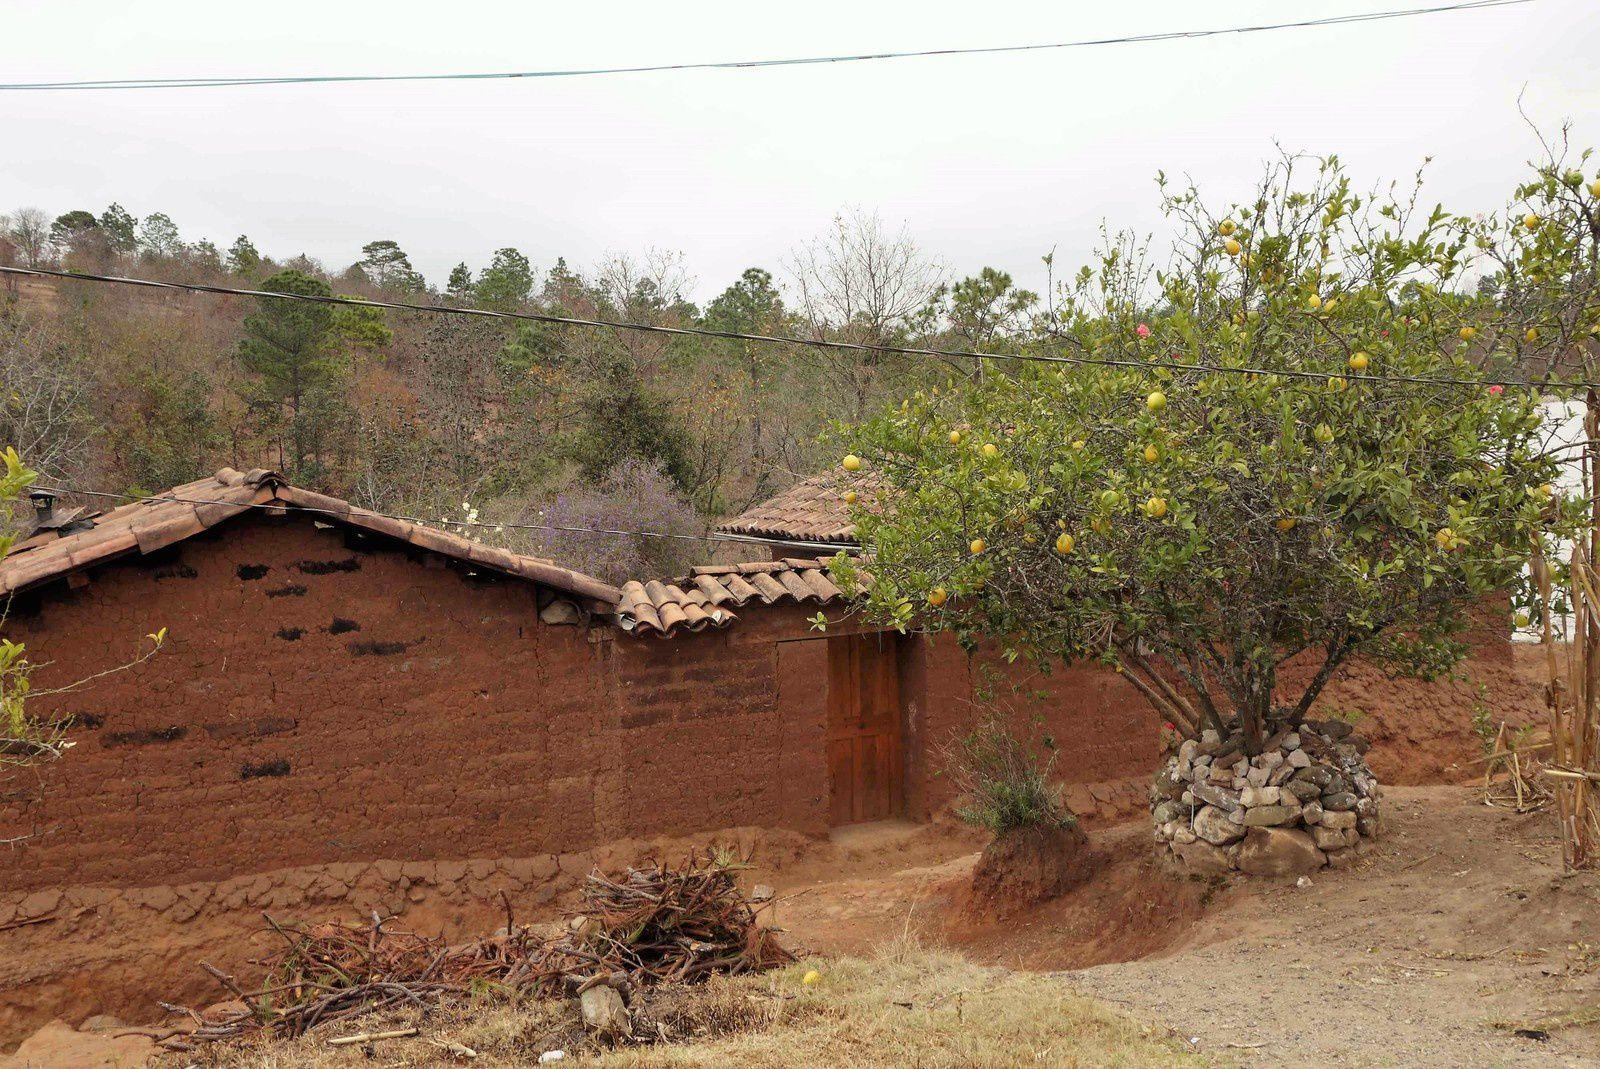 Beaucoup de maisons en murs de parpaings de terre. La souche de l'oranger est bien protégée.